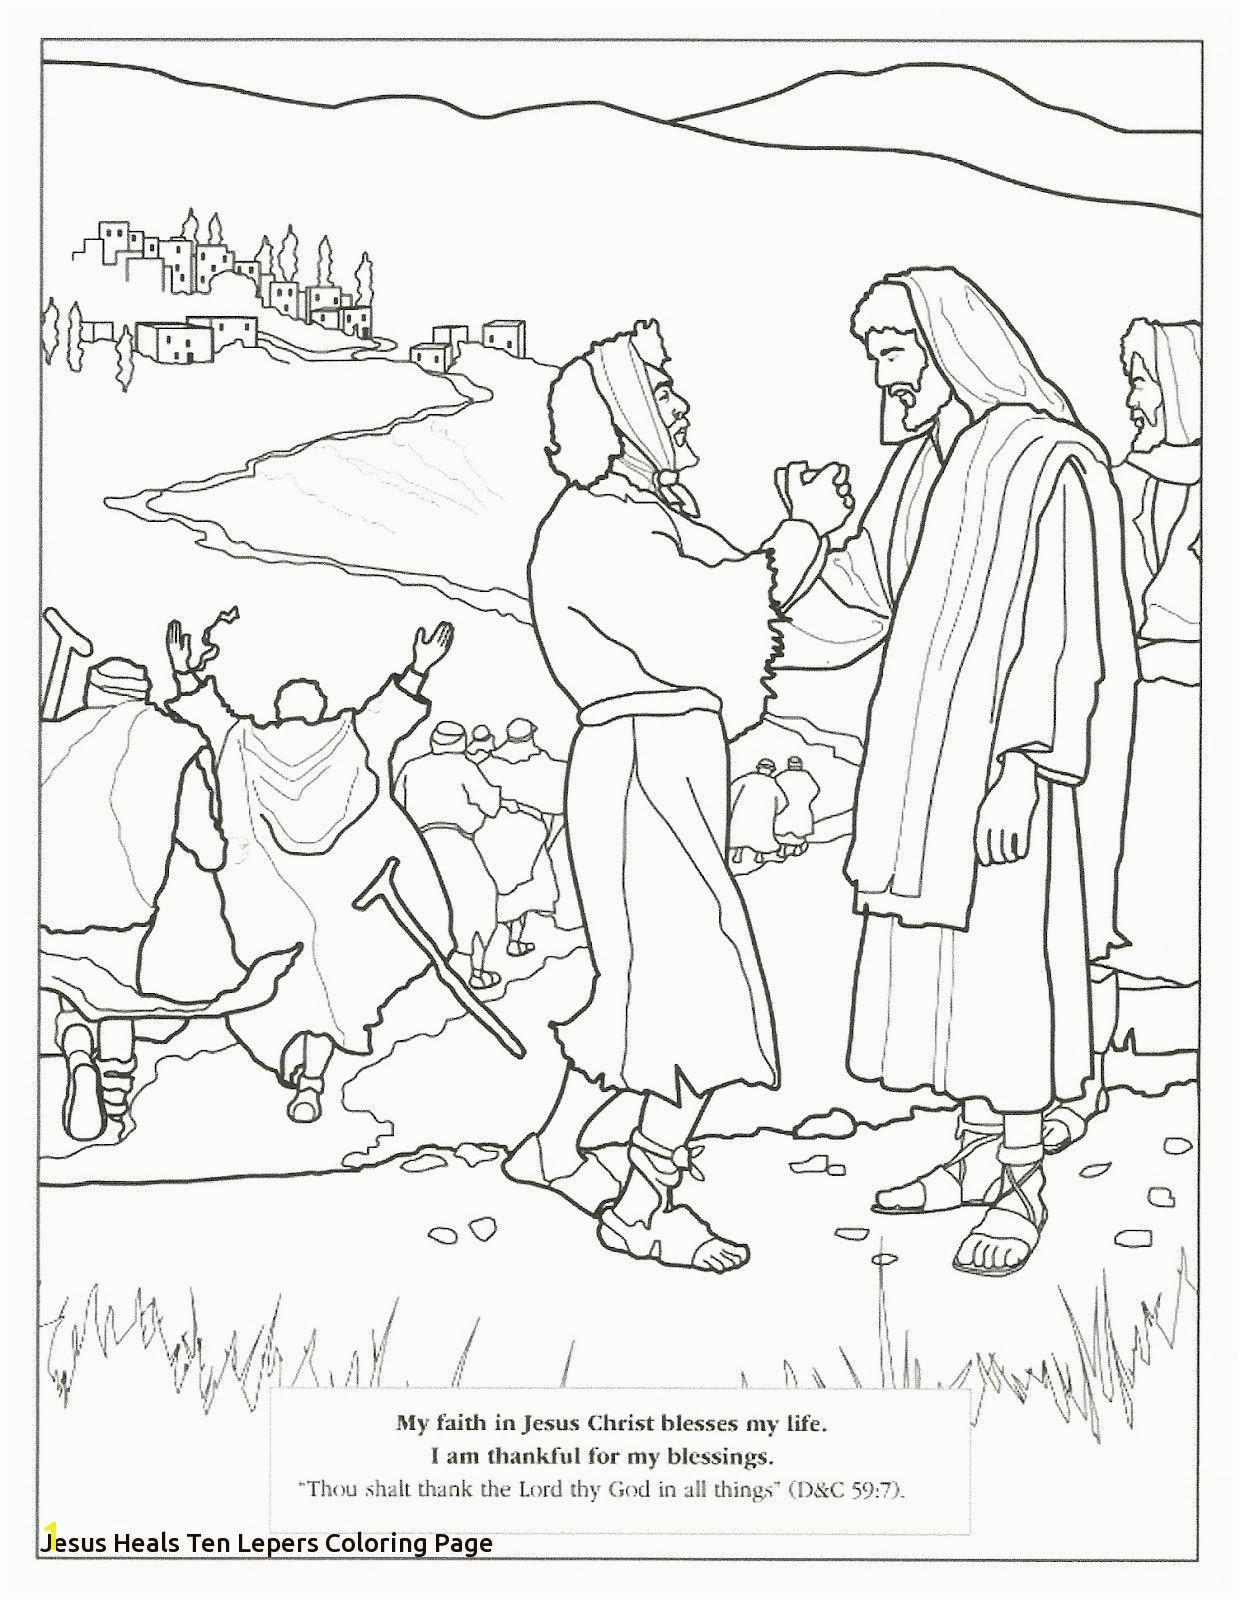 Ten Lepers Coloring Page Fine Jesus Heals Ten Lepers Coloring Page Elaboration Coloring